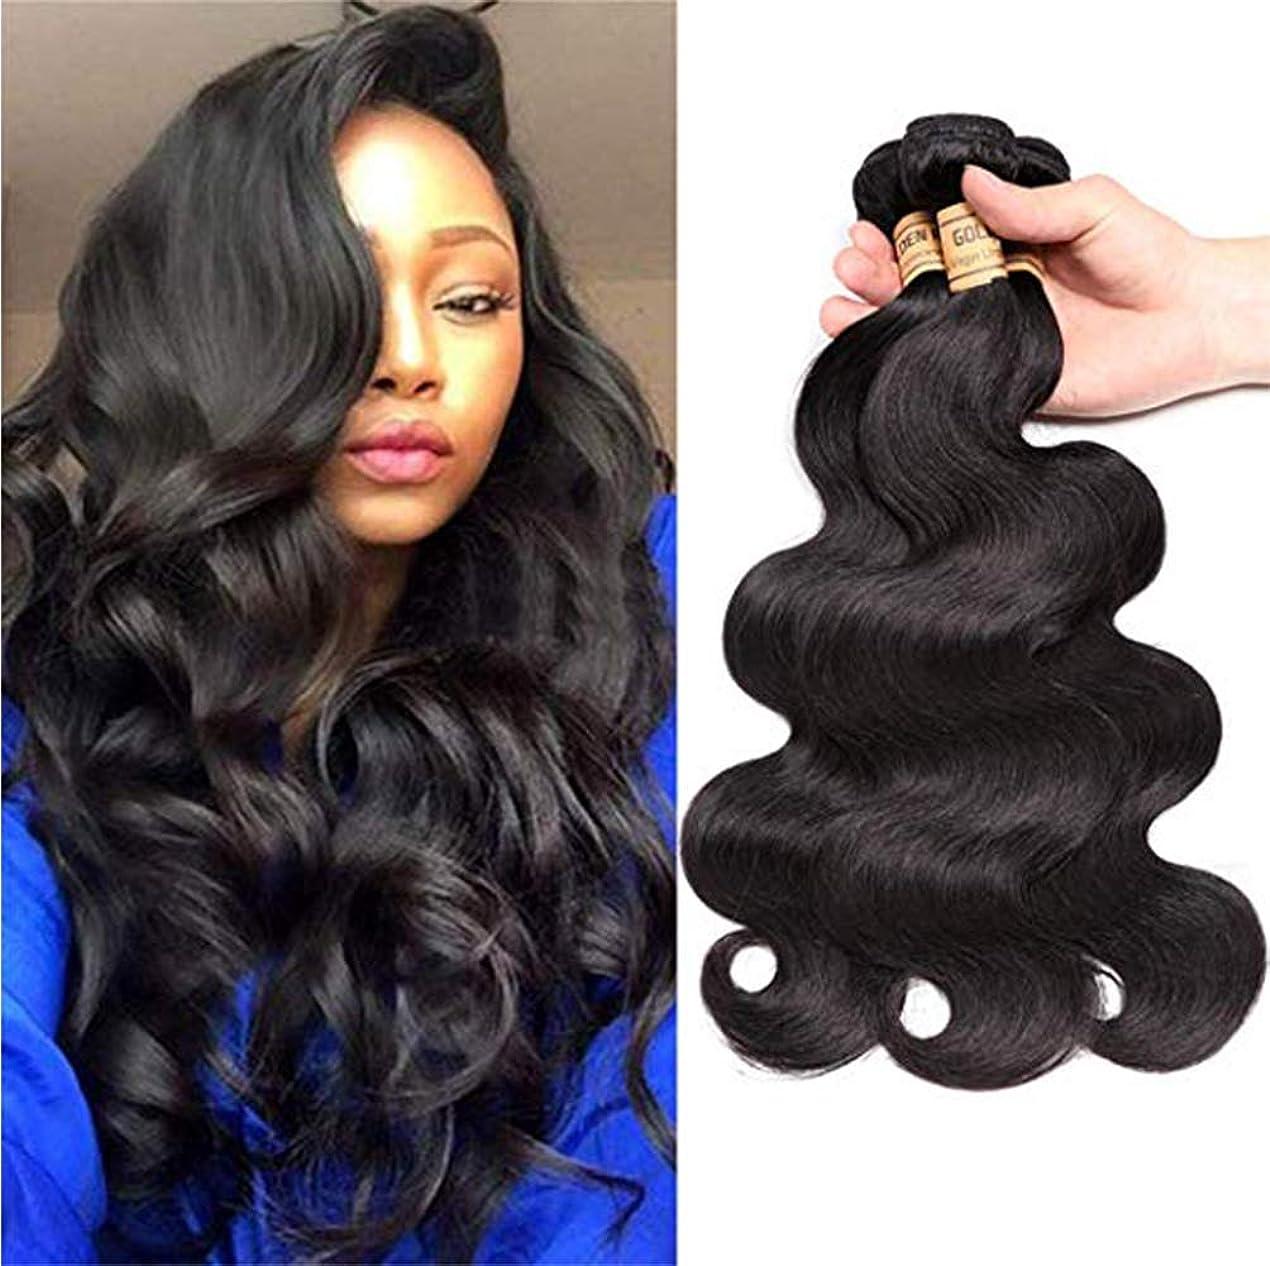 チャールズキージング傾斜運命的な閉鎖とブラジルの実体波の束を編む女性の髪閉鎖人間の髪の毛の束とブラジルの髪の束